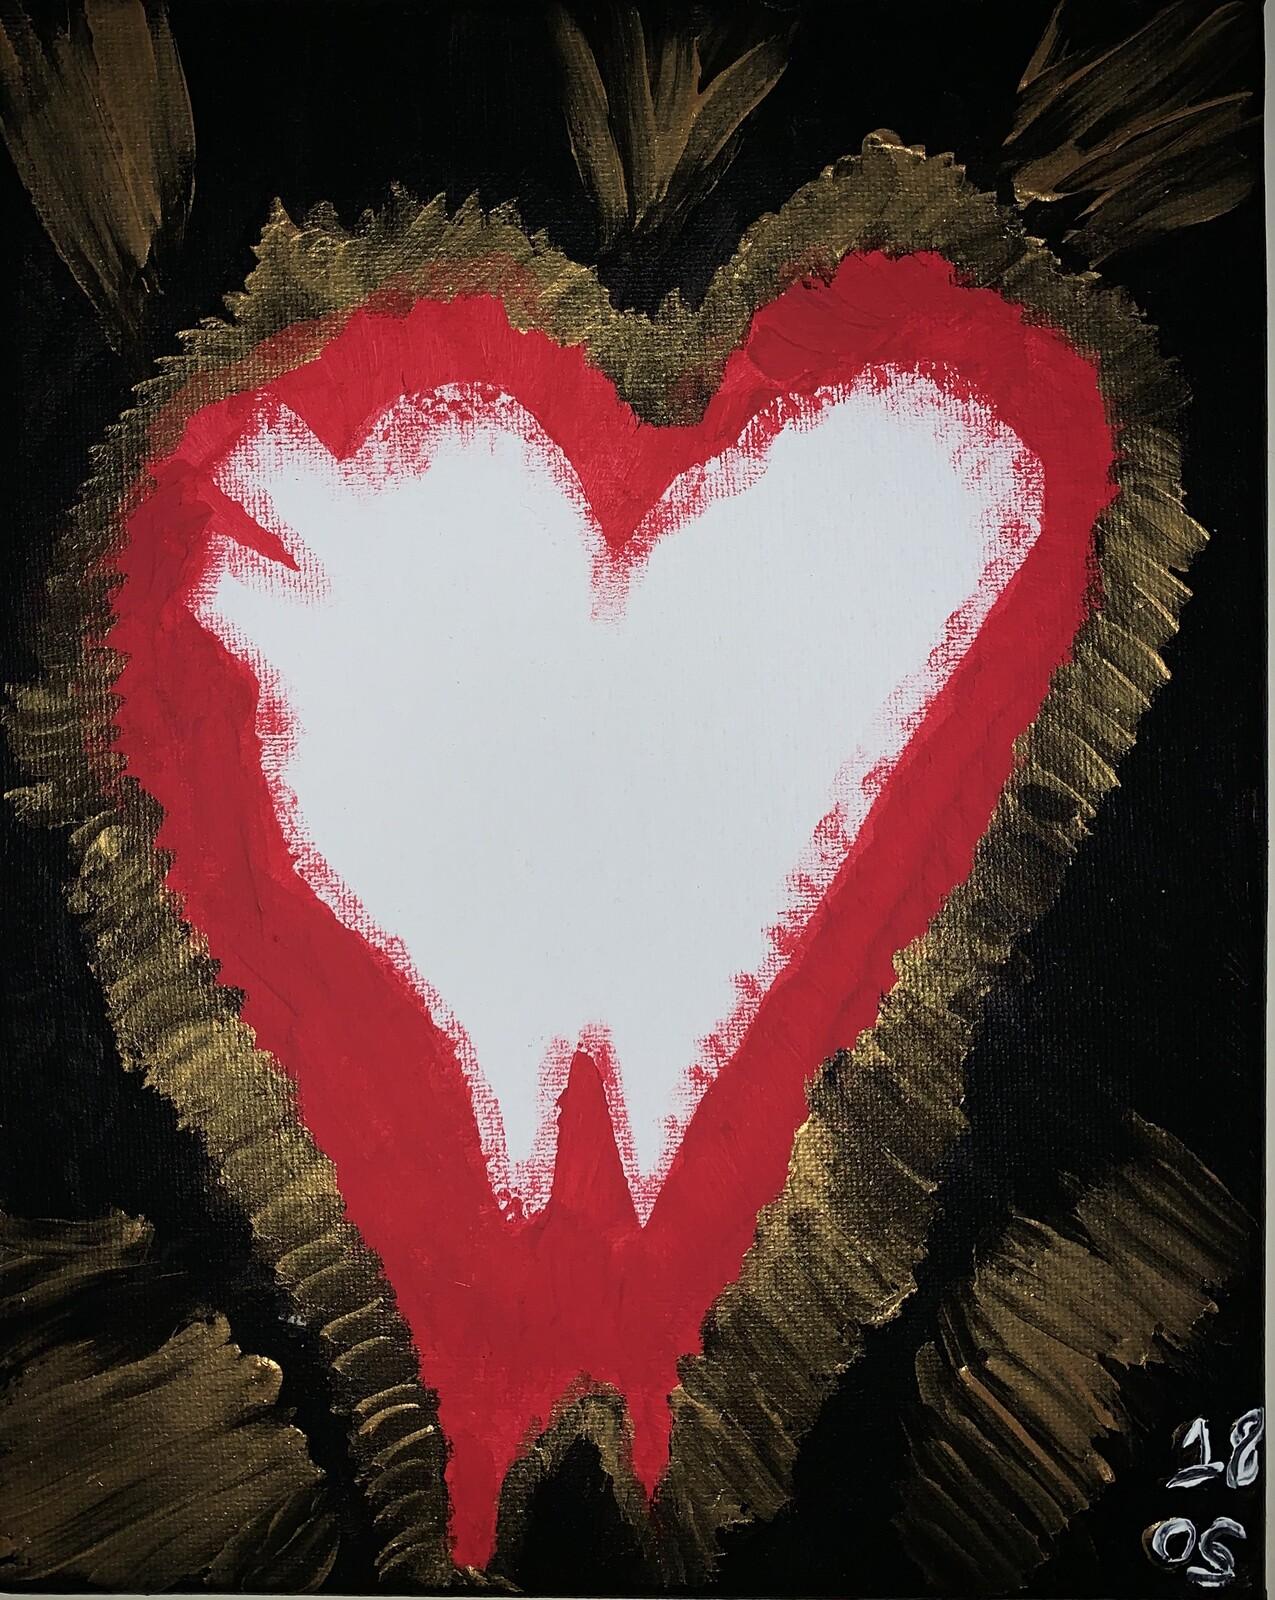 Heart Vs Heart